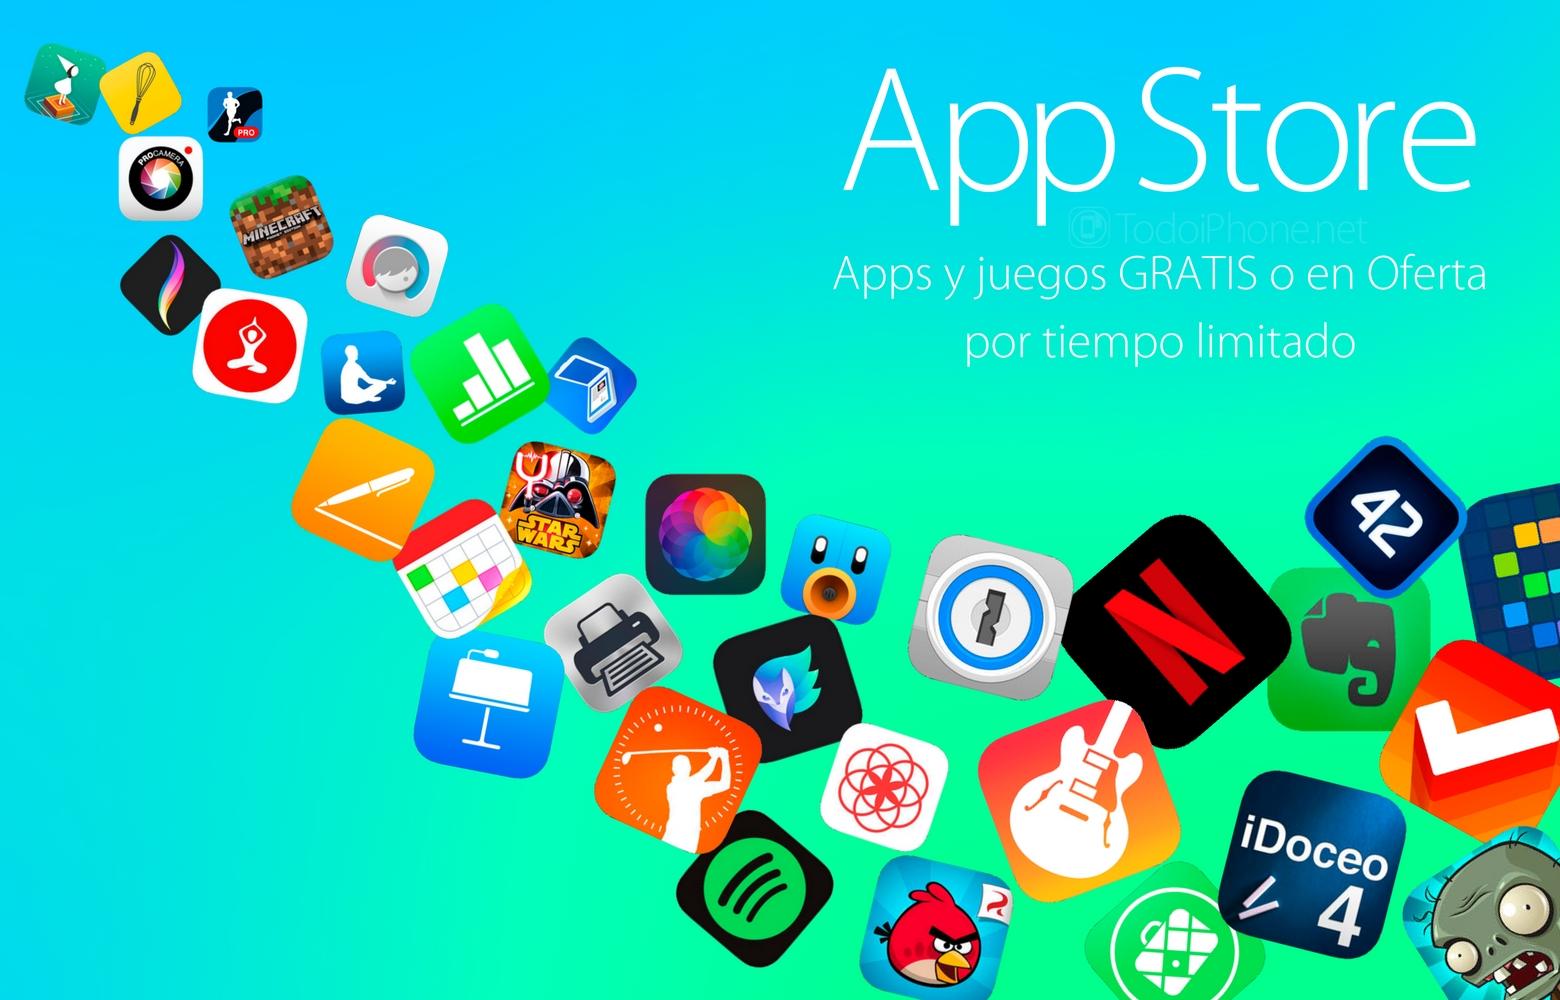 Apps Y Juegos Gratis O En Oferta Para Iphone Y Ipad 12 06 17